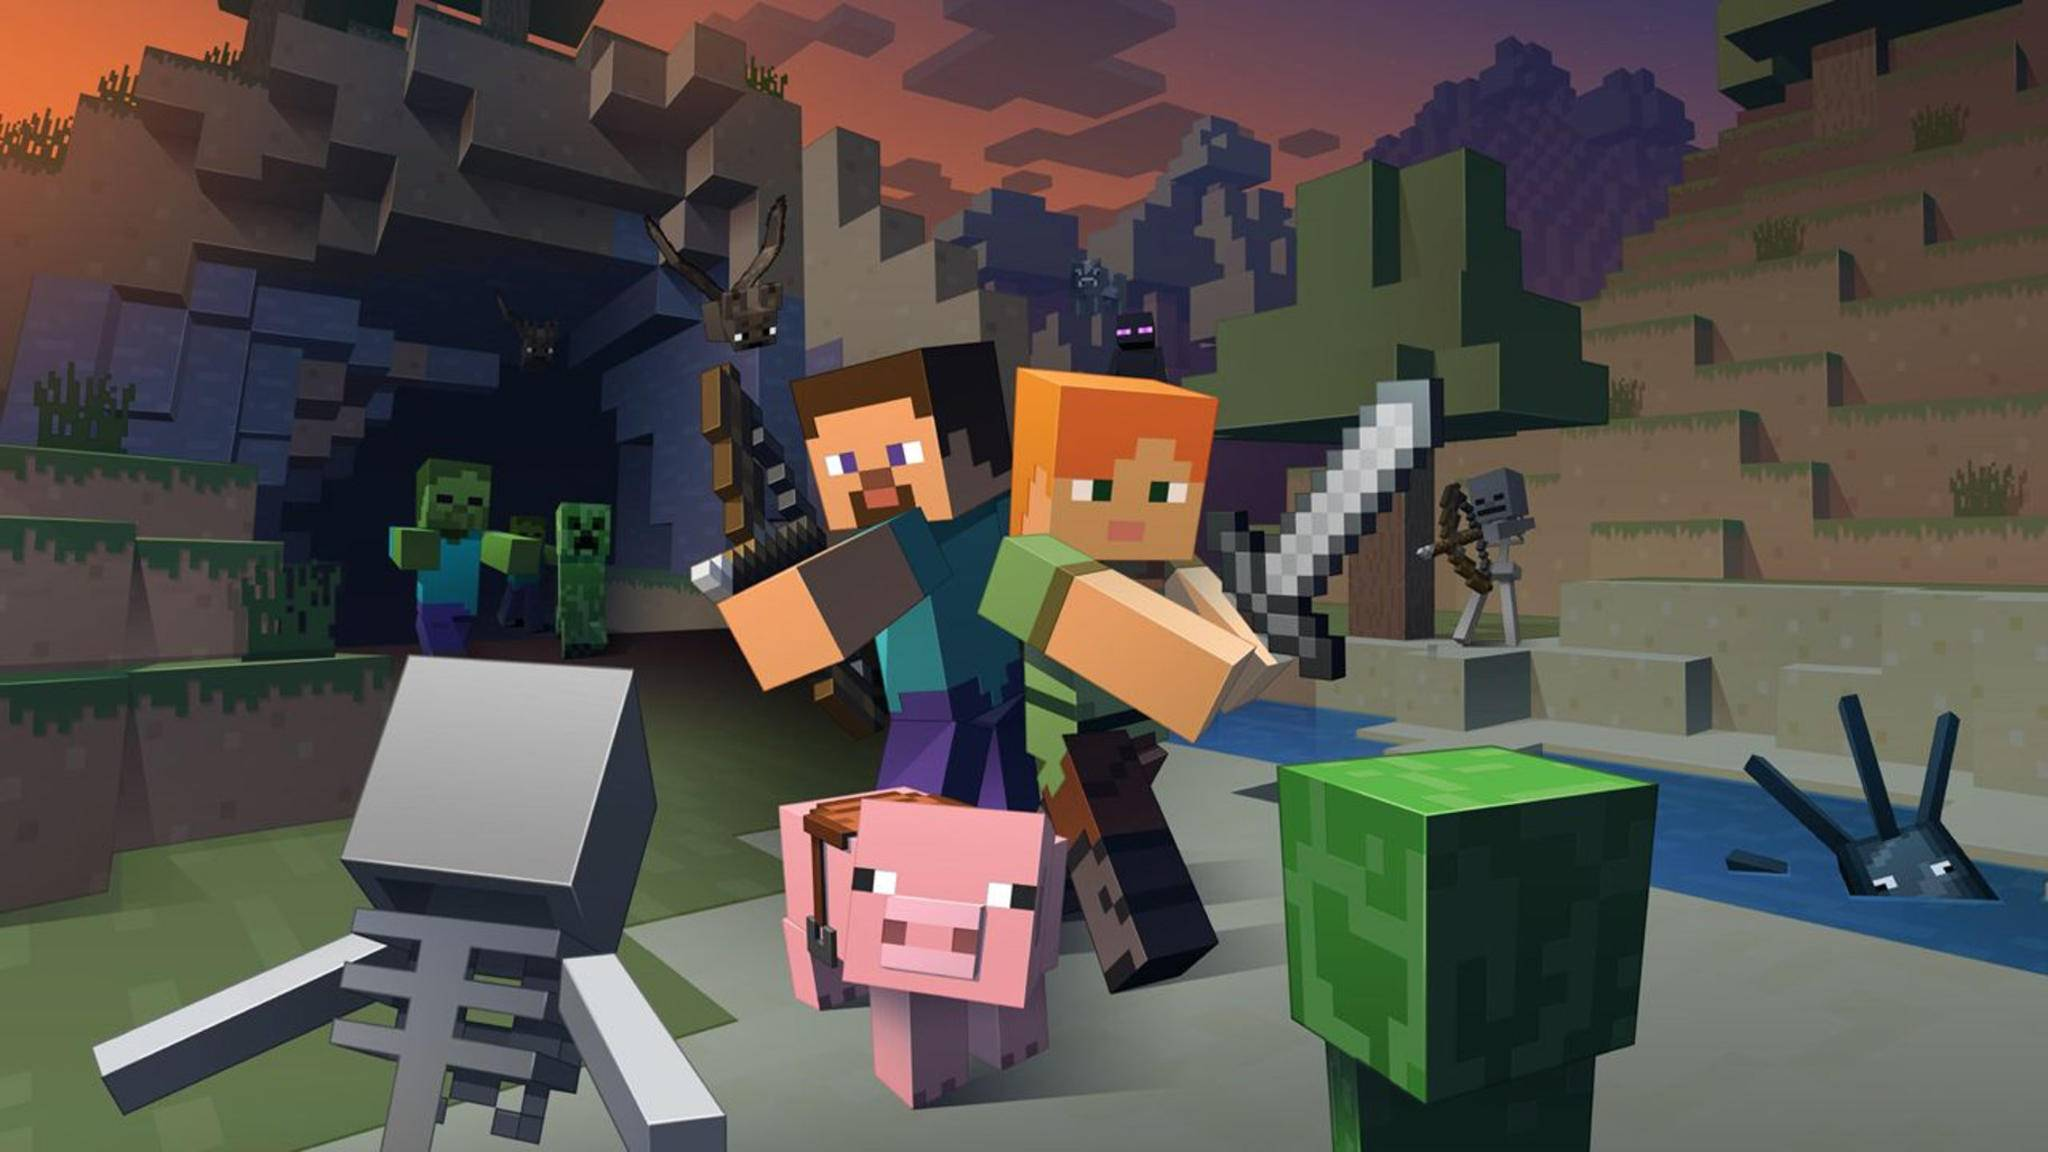 Ähnliche Spiele Wie Minecraft SandboxGames Zum Austoben - Minecraft terraria spielen